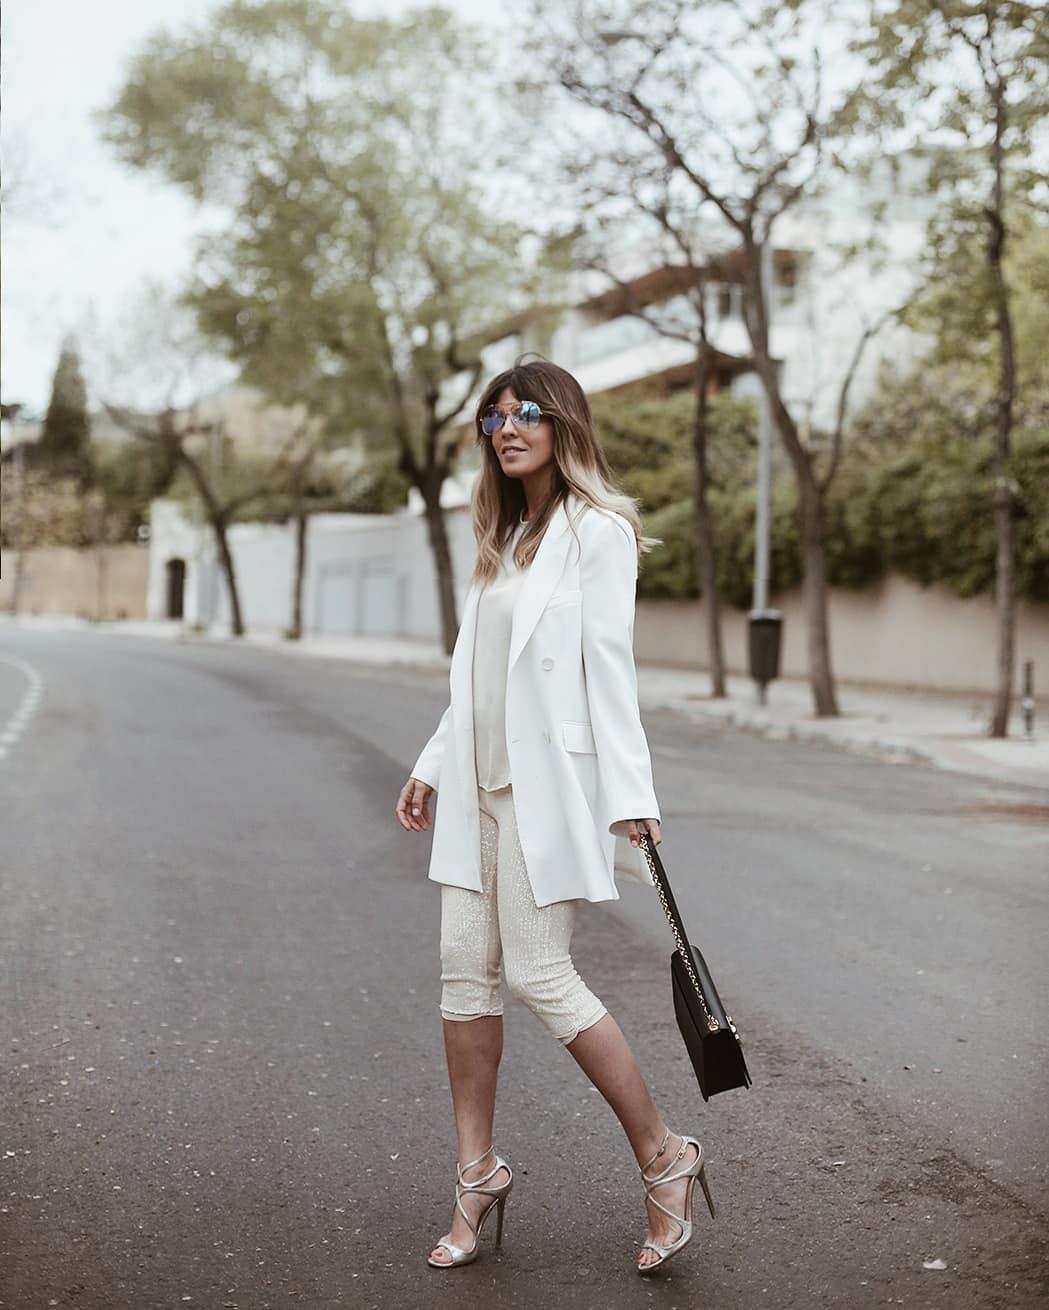 shorts white shorts sequins zara white blazer double breasted white sandals jimmy choo white top black bag